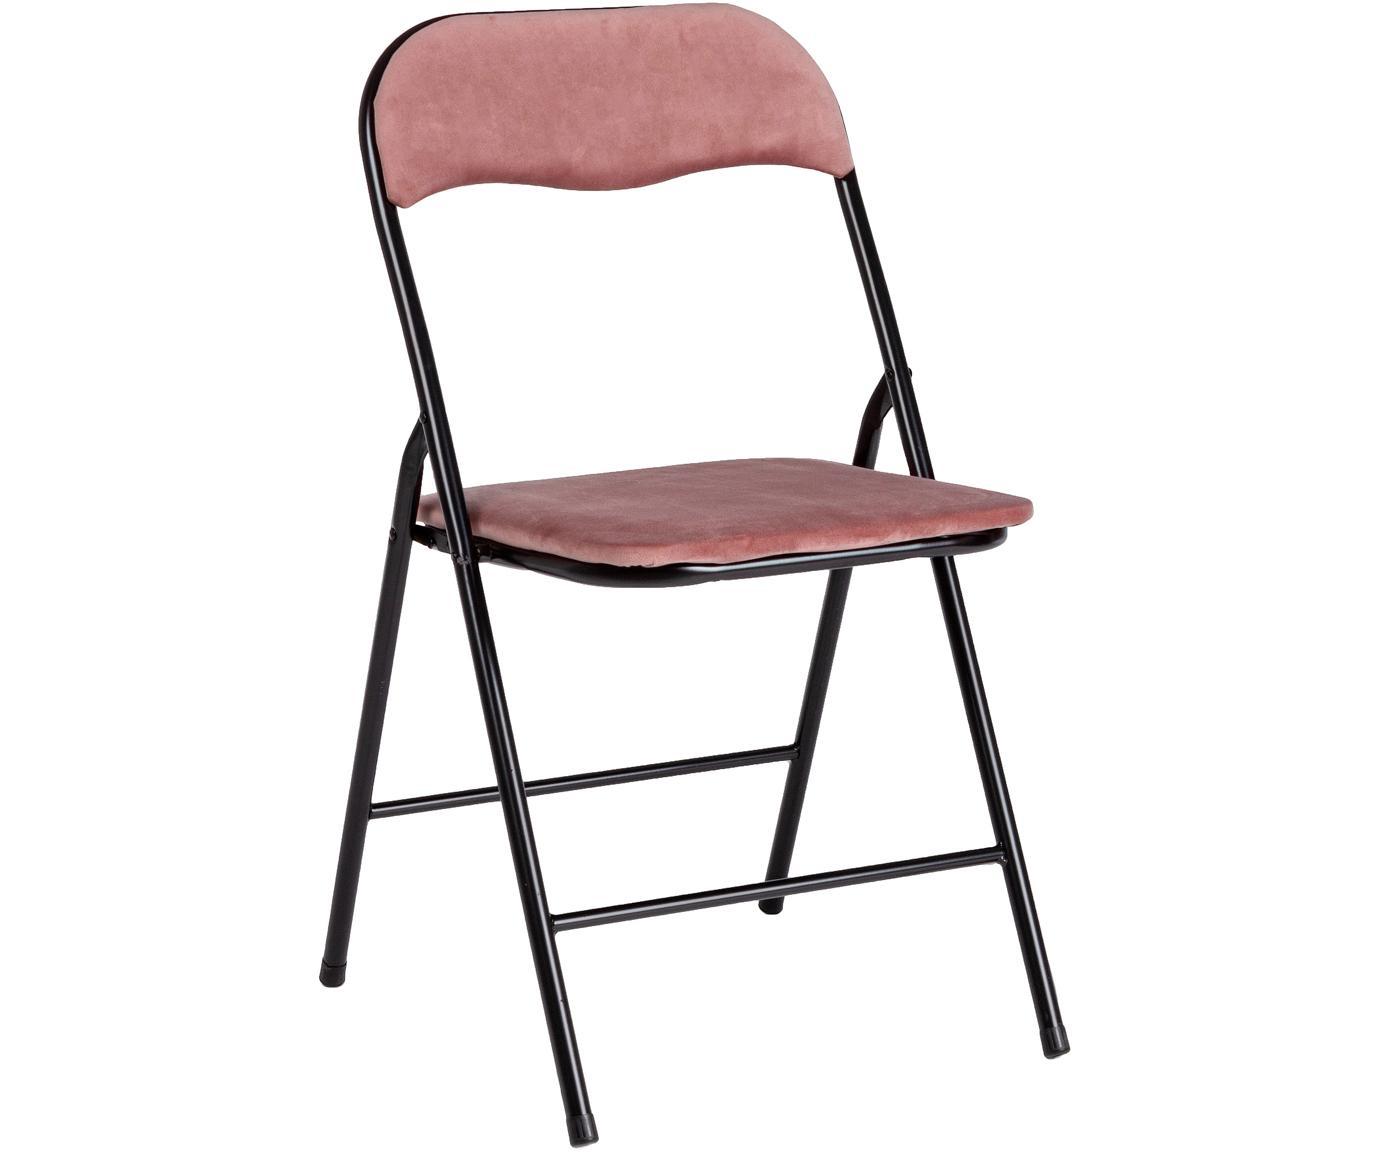 Sedia pieghevole in velluto Amal, Rivestimento: velluto di poliestere, Struttura: metallo, rivestito, Rosa, nero, Larg. 44 x Prof. 44 cm